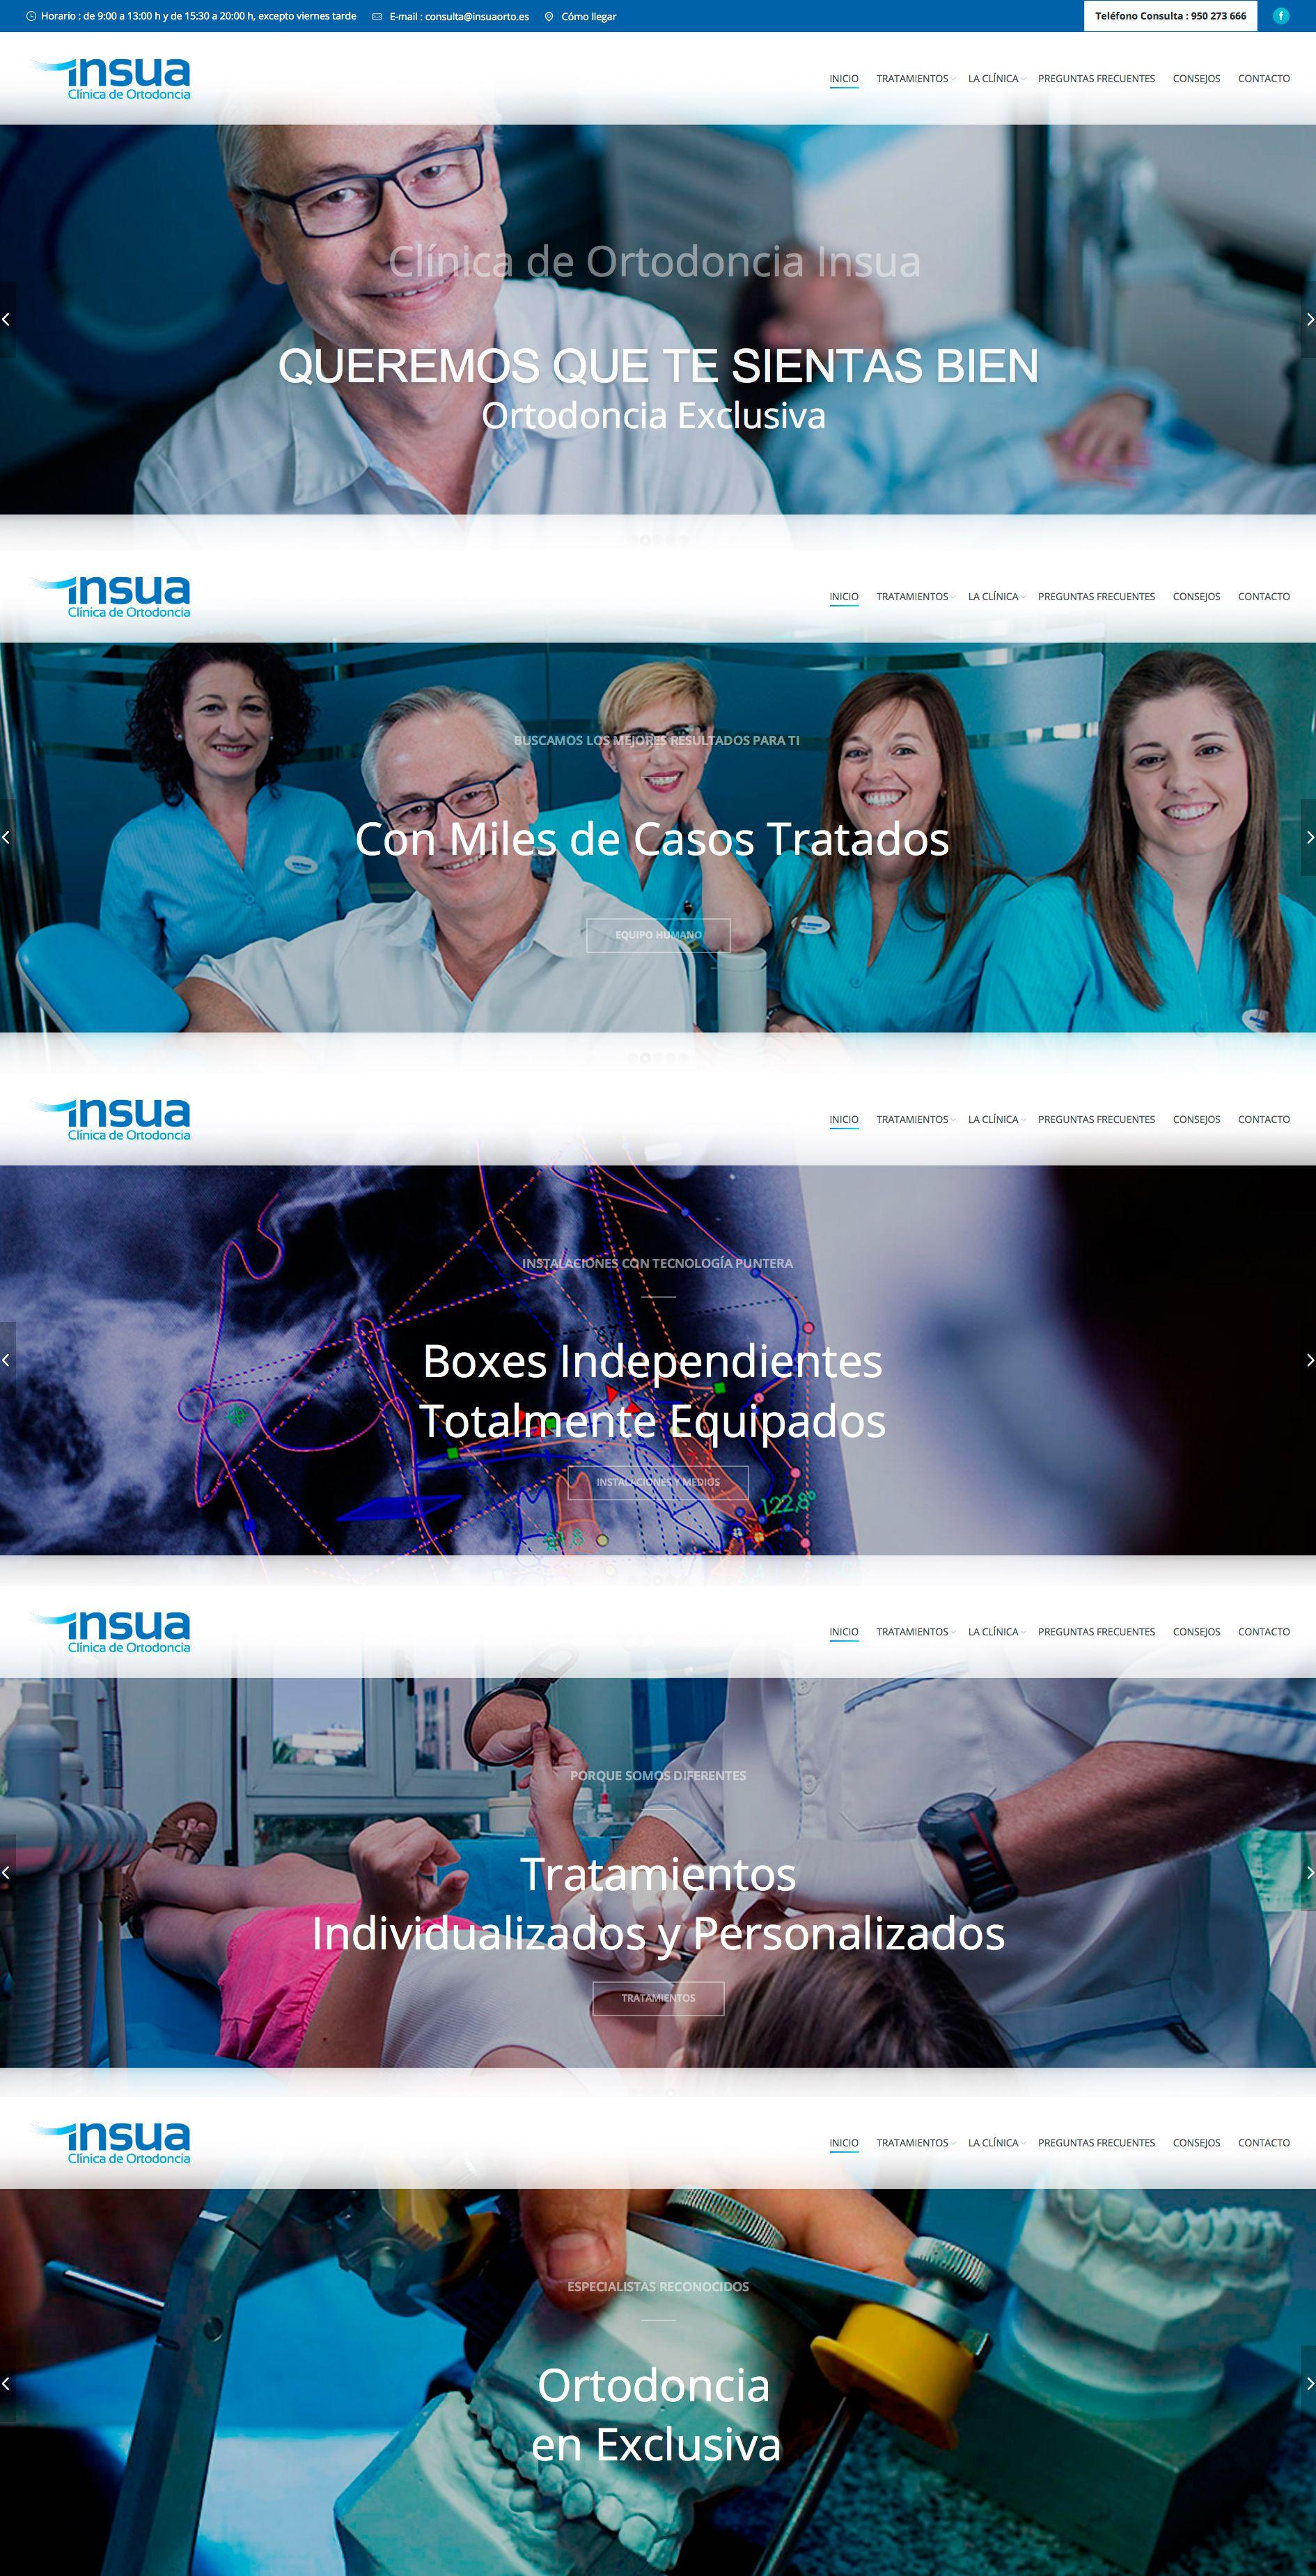 Ortodoncia Insua Almeria. Diseño de web. Eugenia Parra. Link: http://eu1.es/insua/  http://eugeniaparra.es